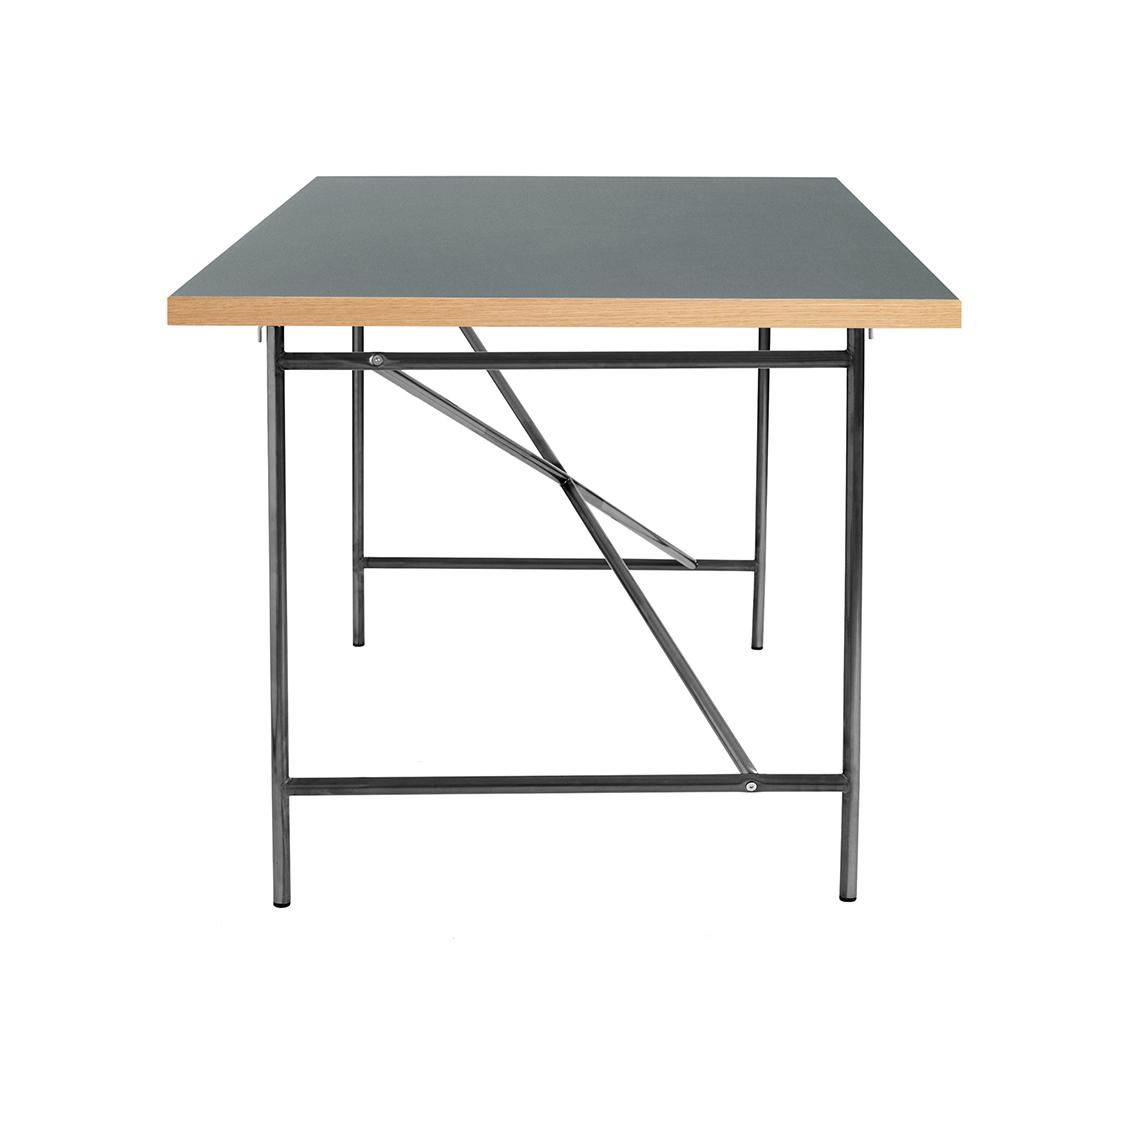 Eiermann 1 Writing Desk 180 x 90